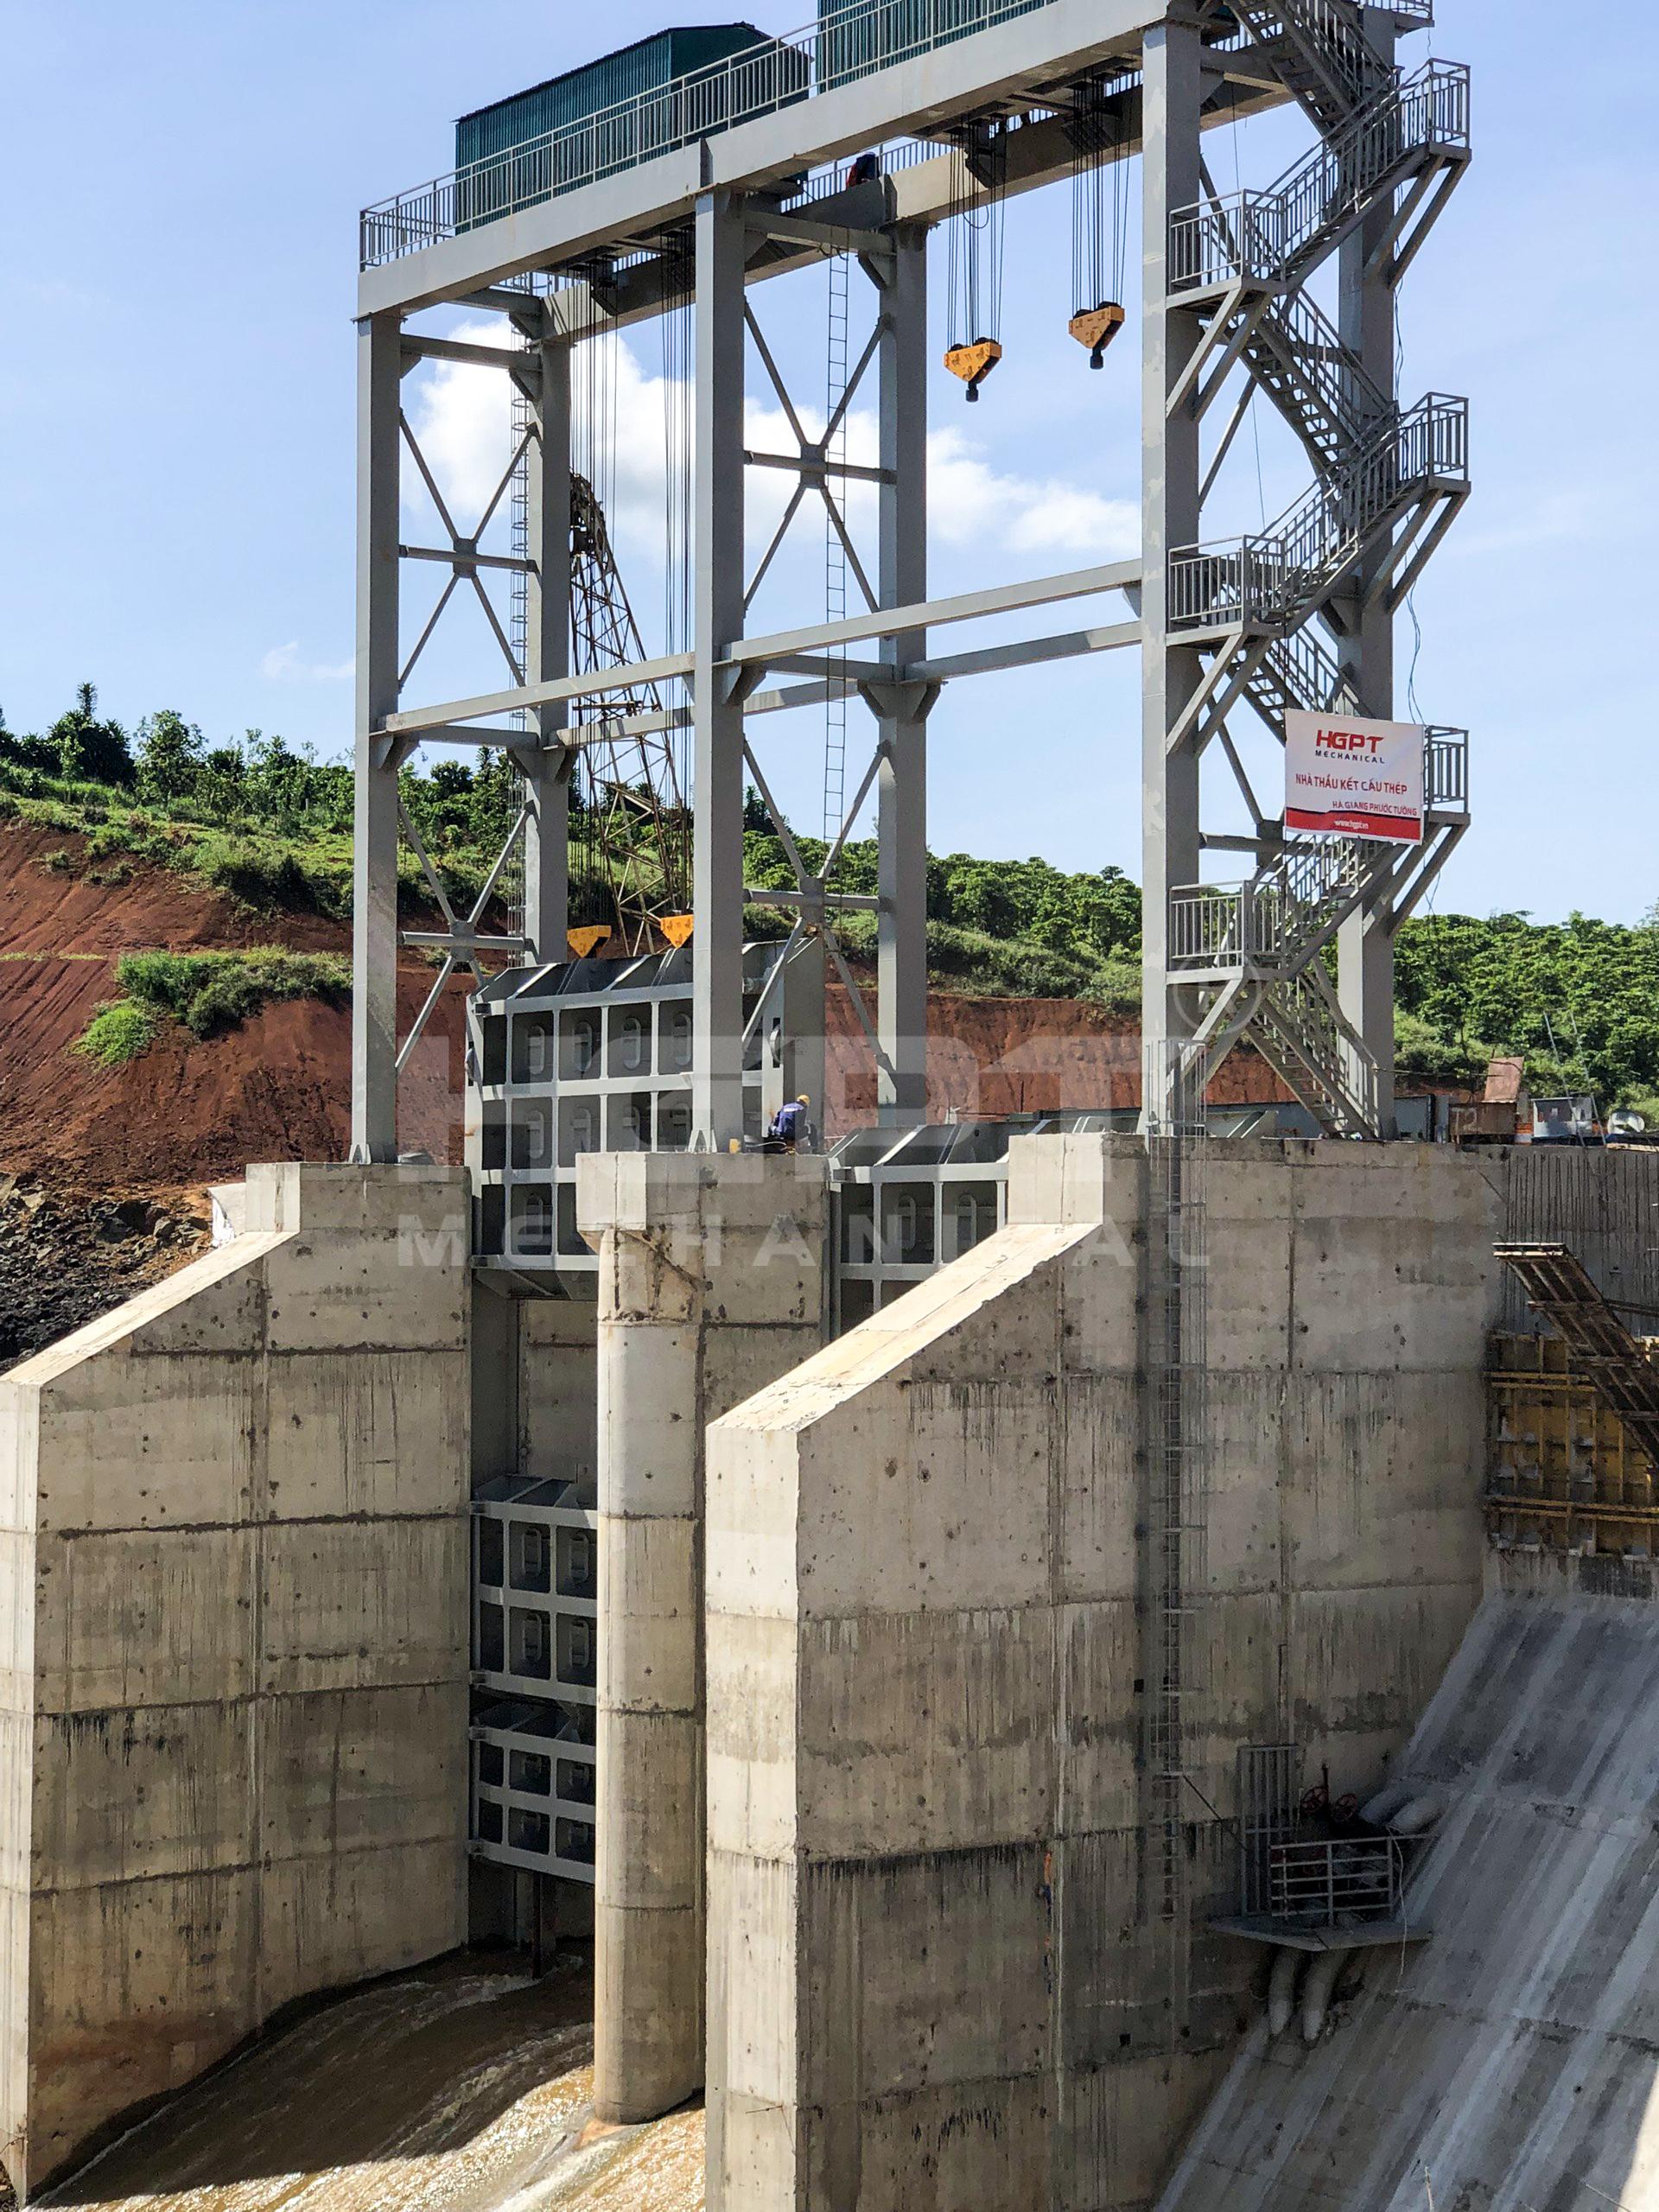 Gia công chế tạo, lắp đặt thiết bị cơ khí thuỷ công – Thuỷ điện Tân Lộc